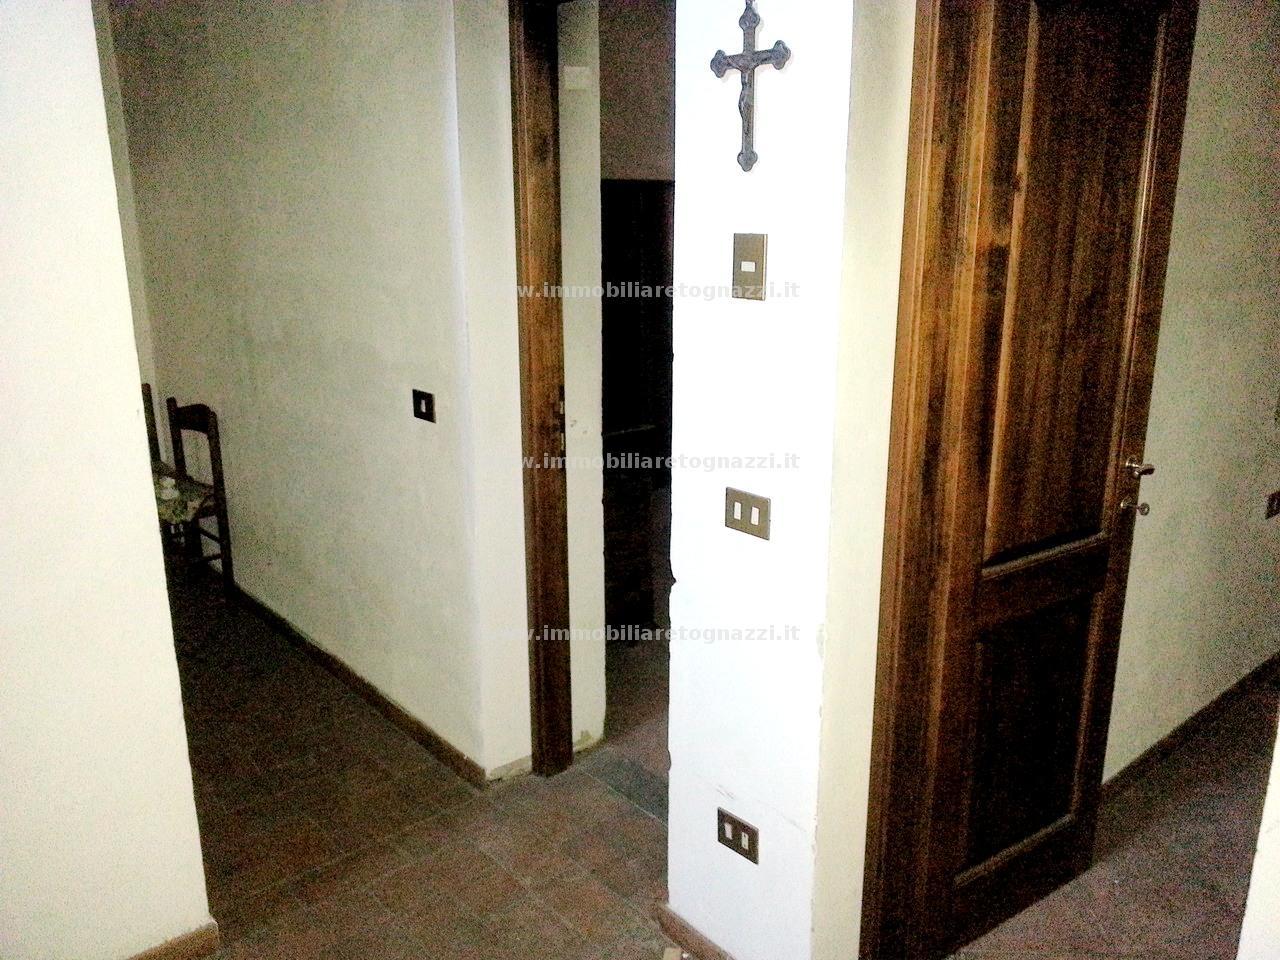 Palazzo / Stabile in vendita a Tavarnelle Val di Pesa, 10 locali, prezzo € 330.000 | CambioCasa.it